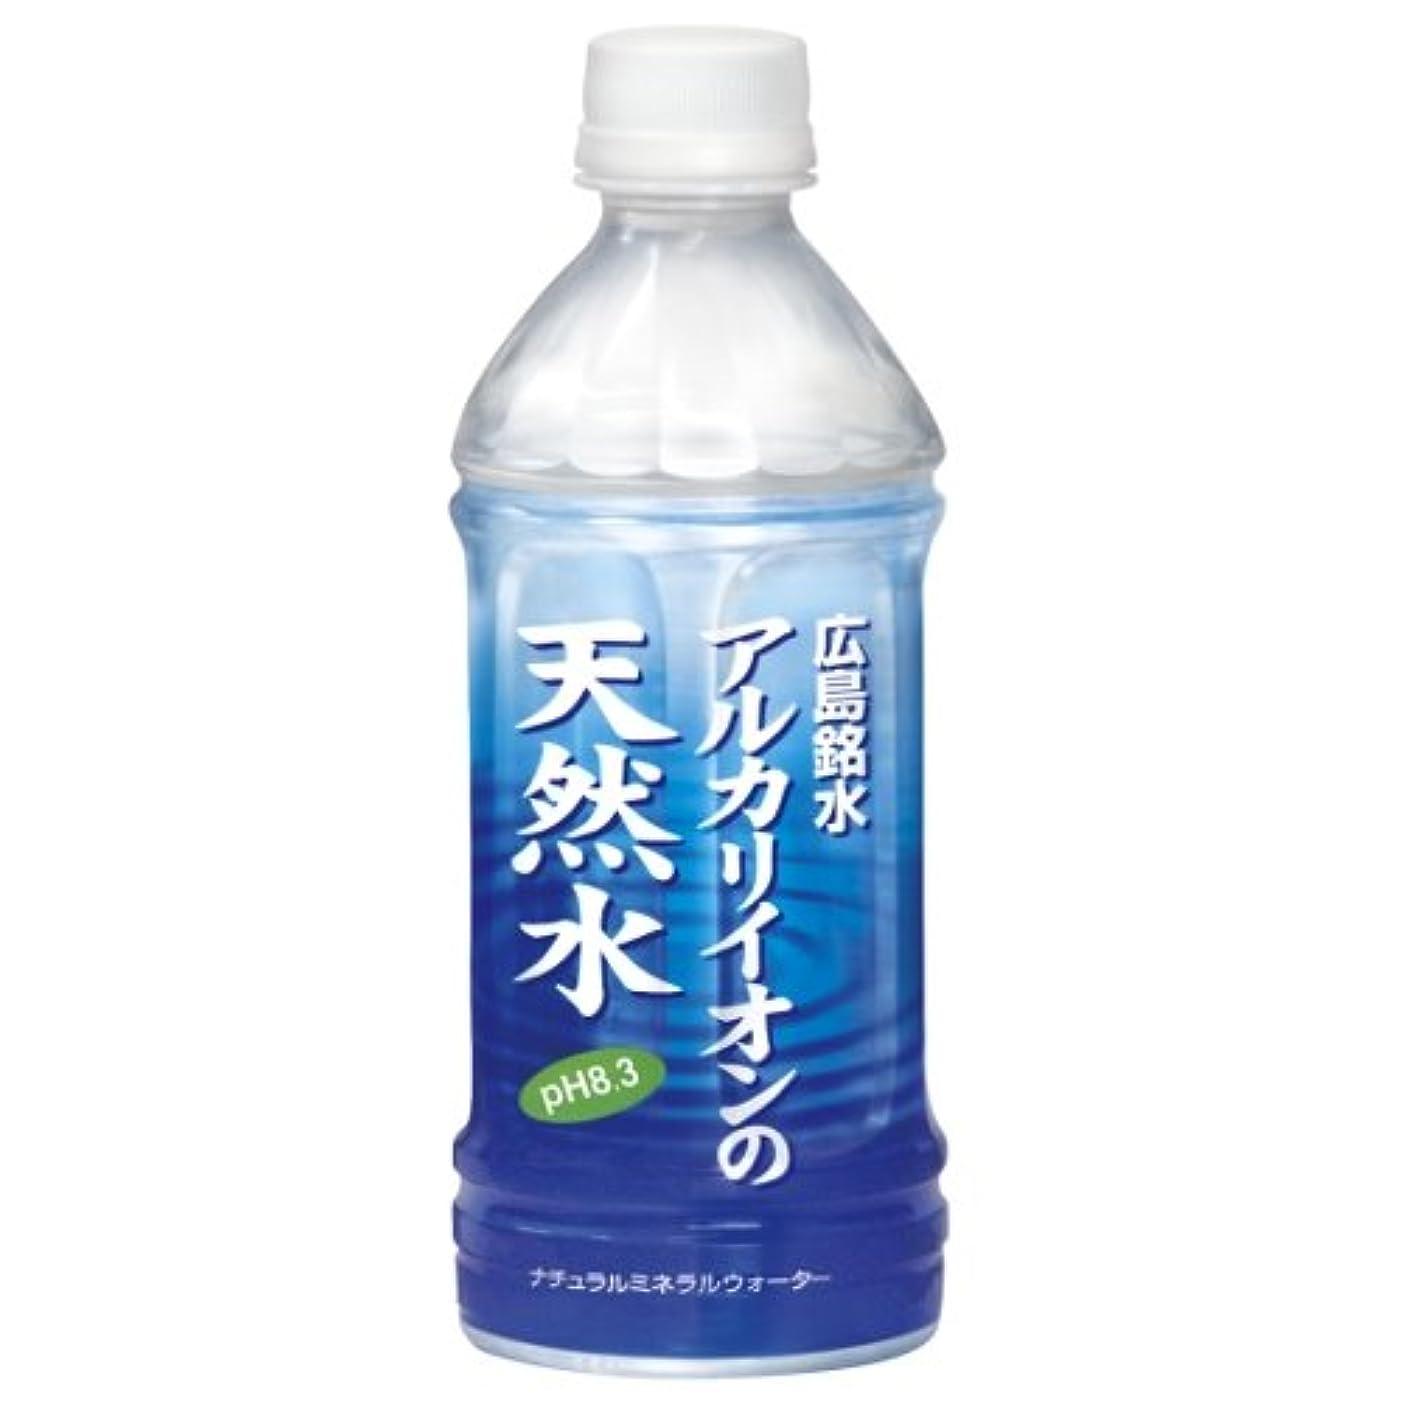 テントアパルアルバム宝積飲料 アルカリイオン天然水 500ml×24本